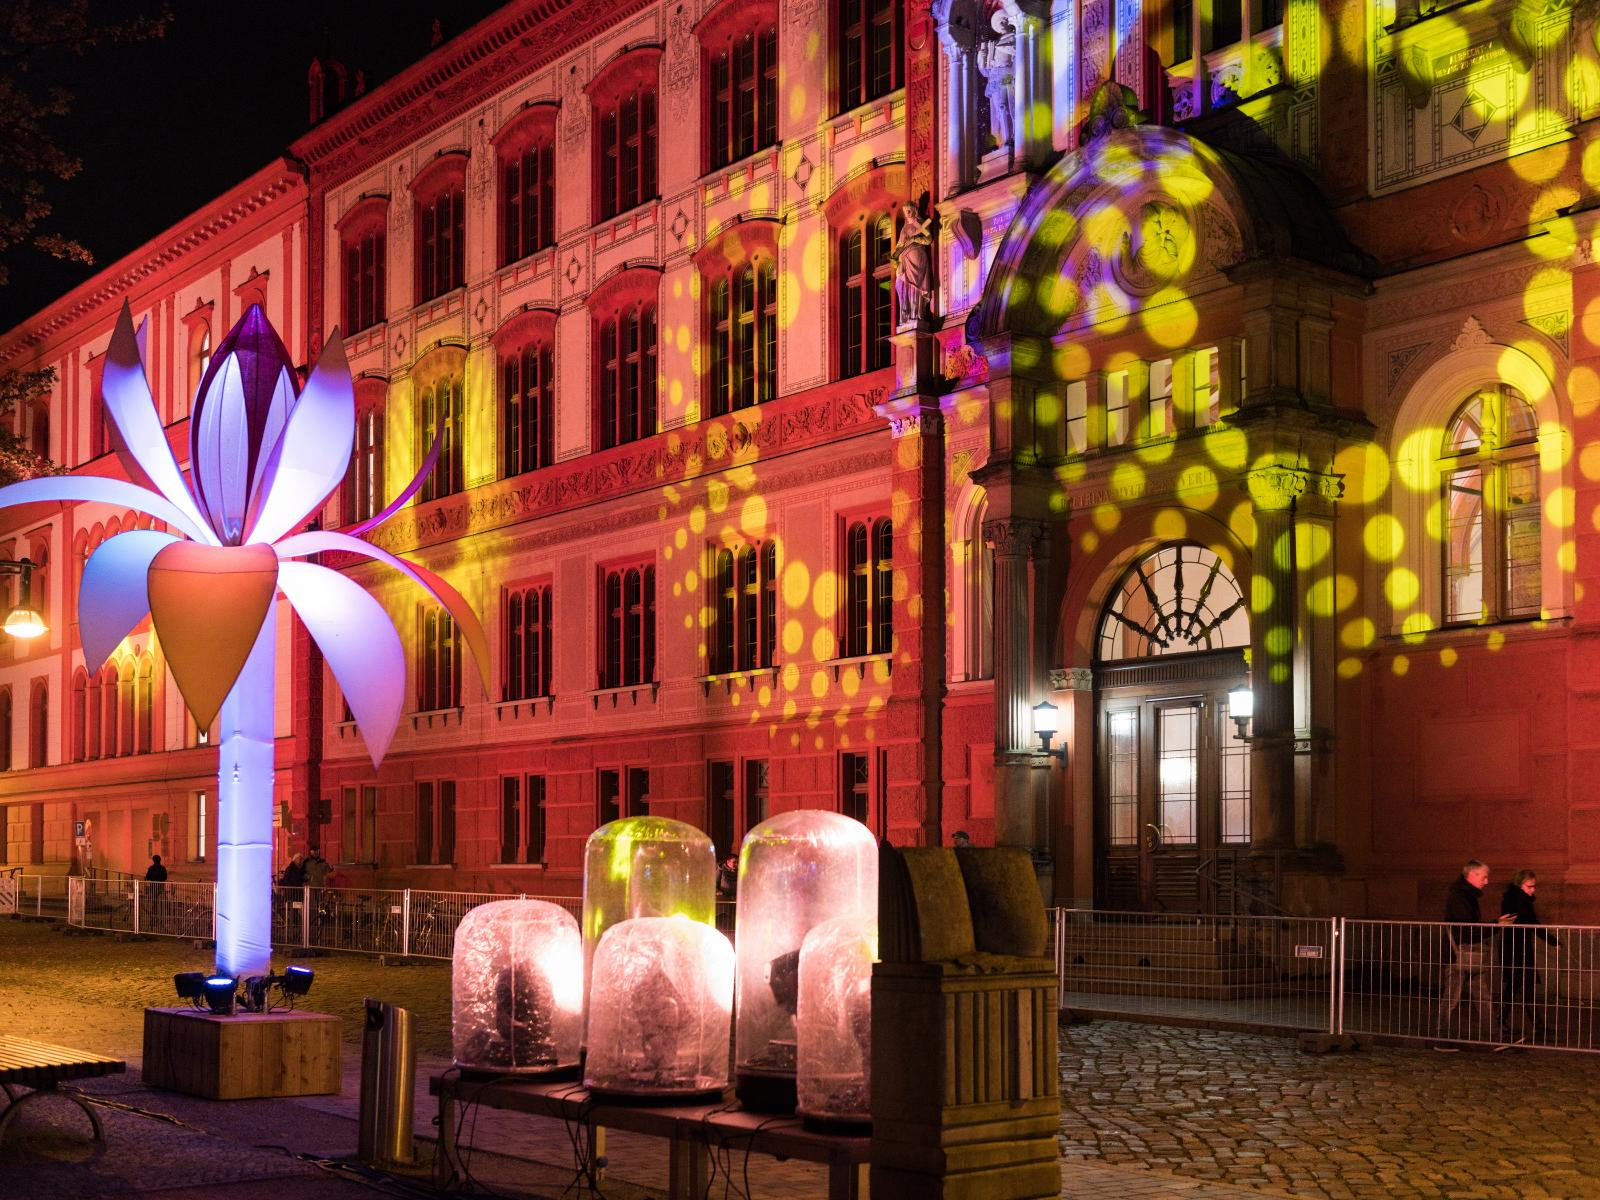 Farbspiele an der Fassade des Uni-Hauptgebäudes